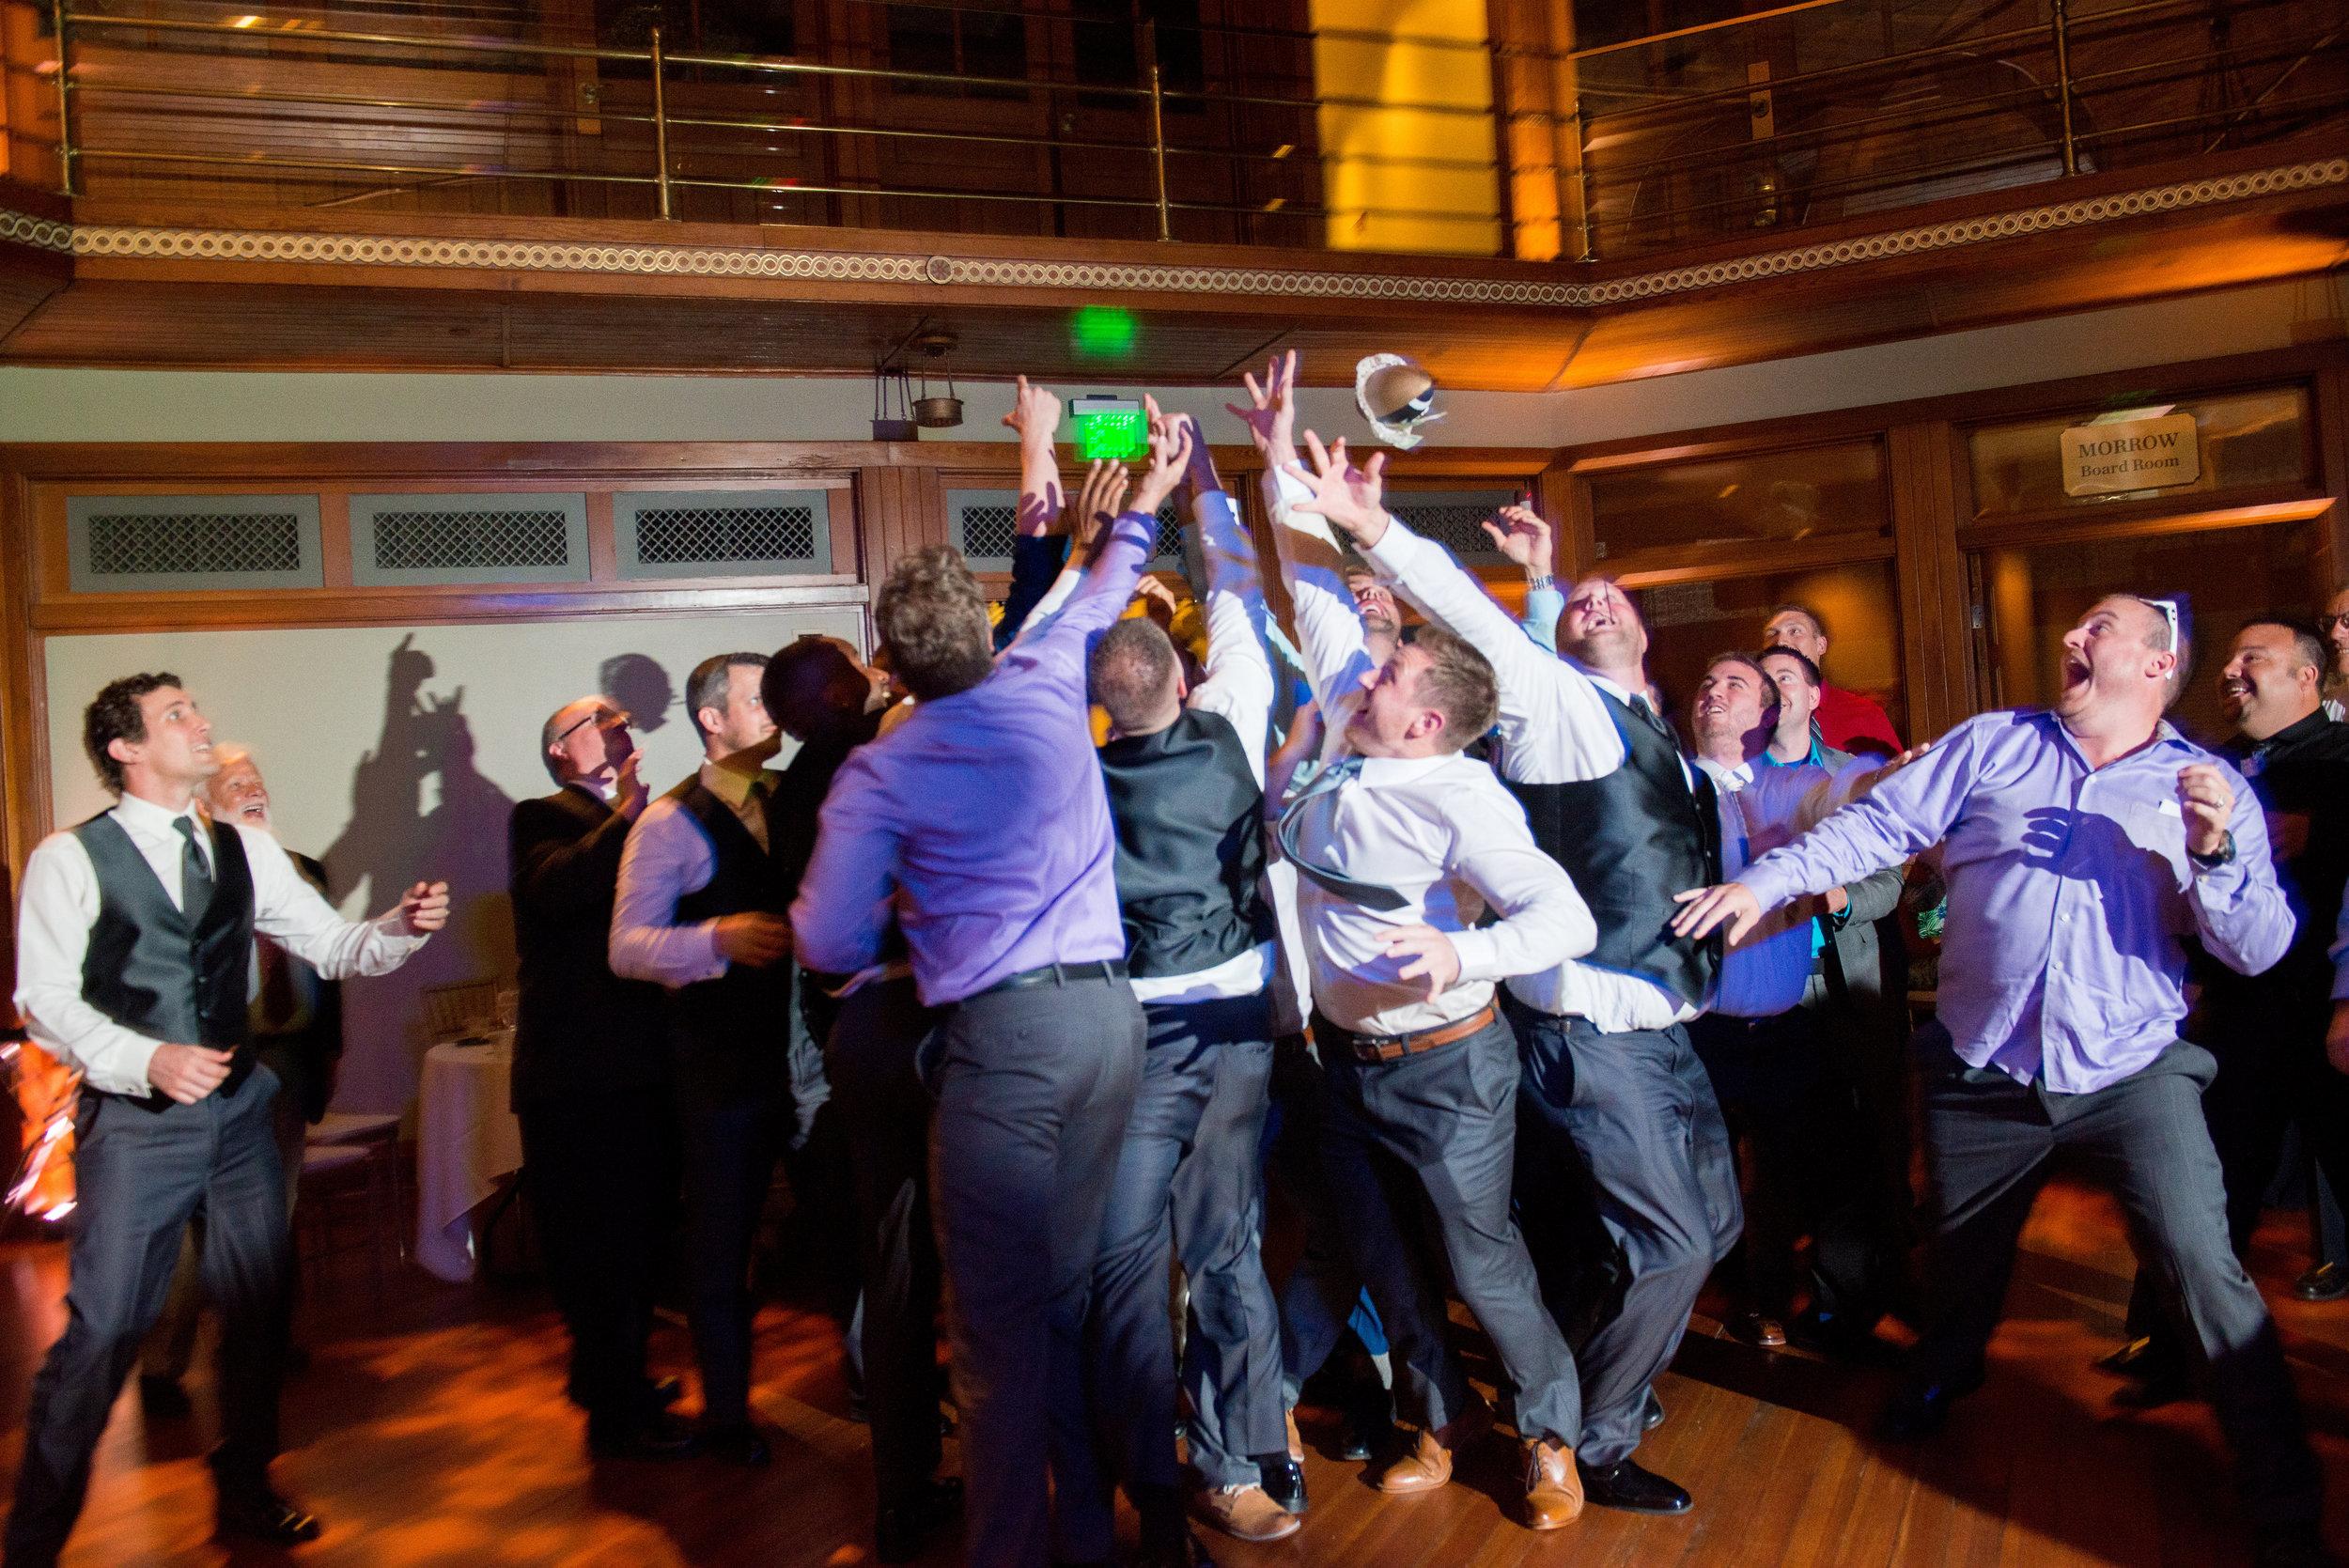 091815 Schultz Wedding 08.jpg